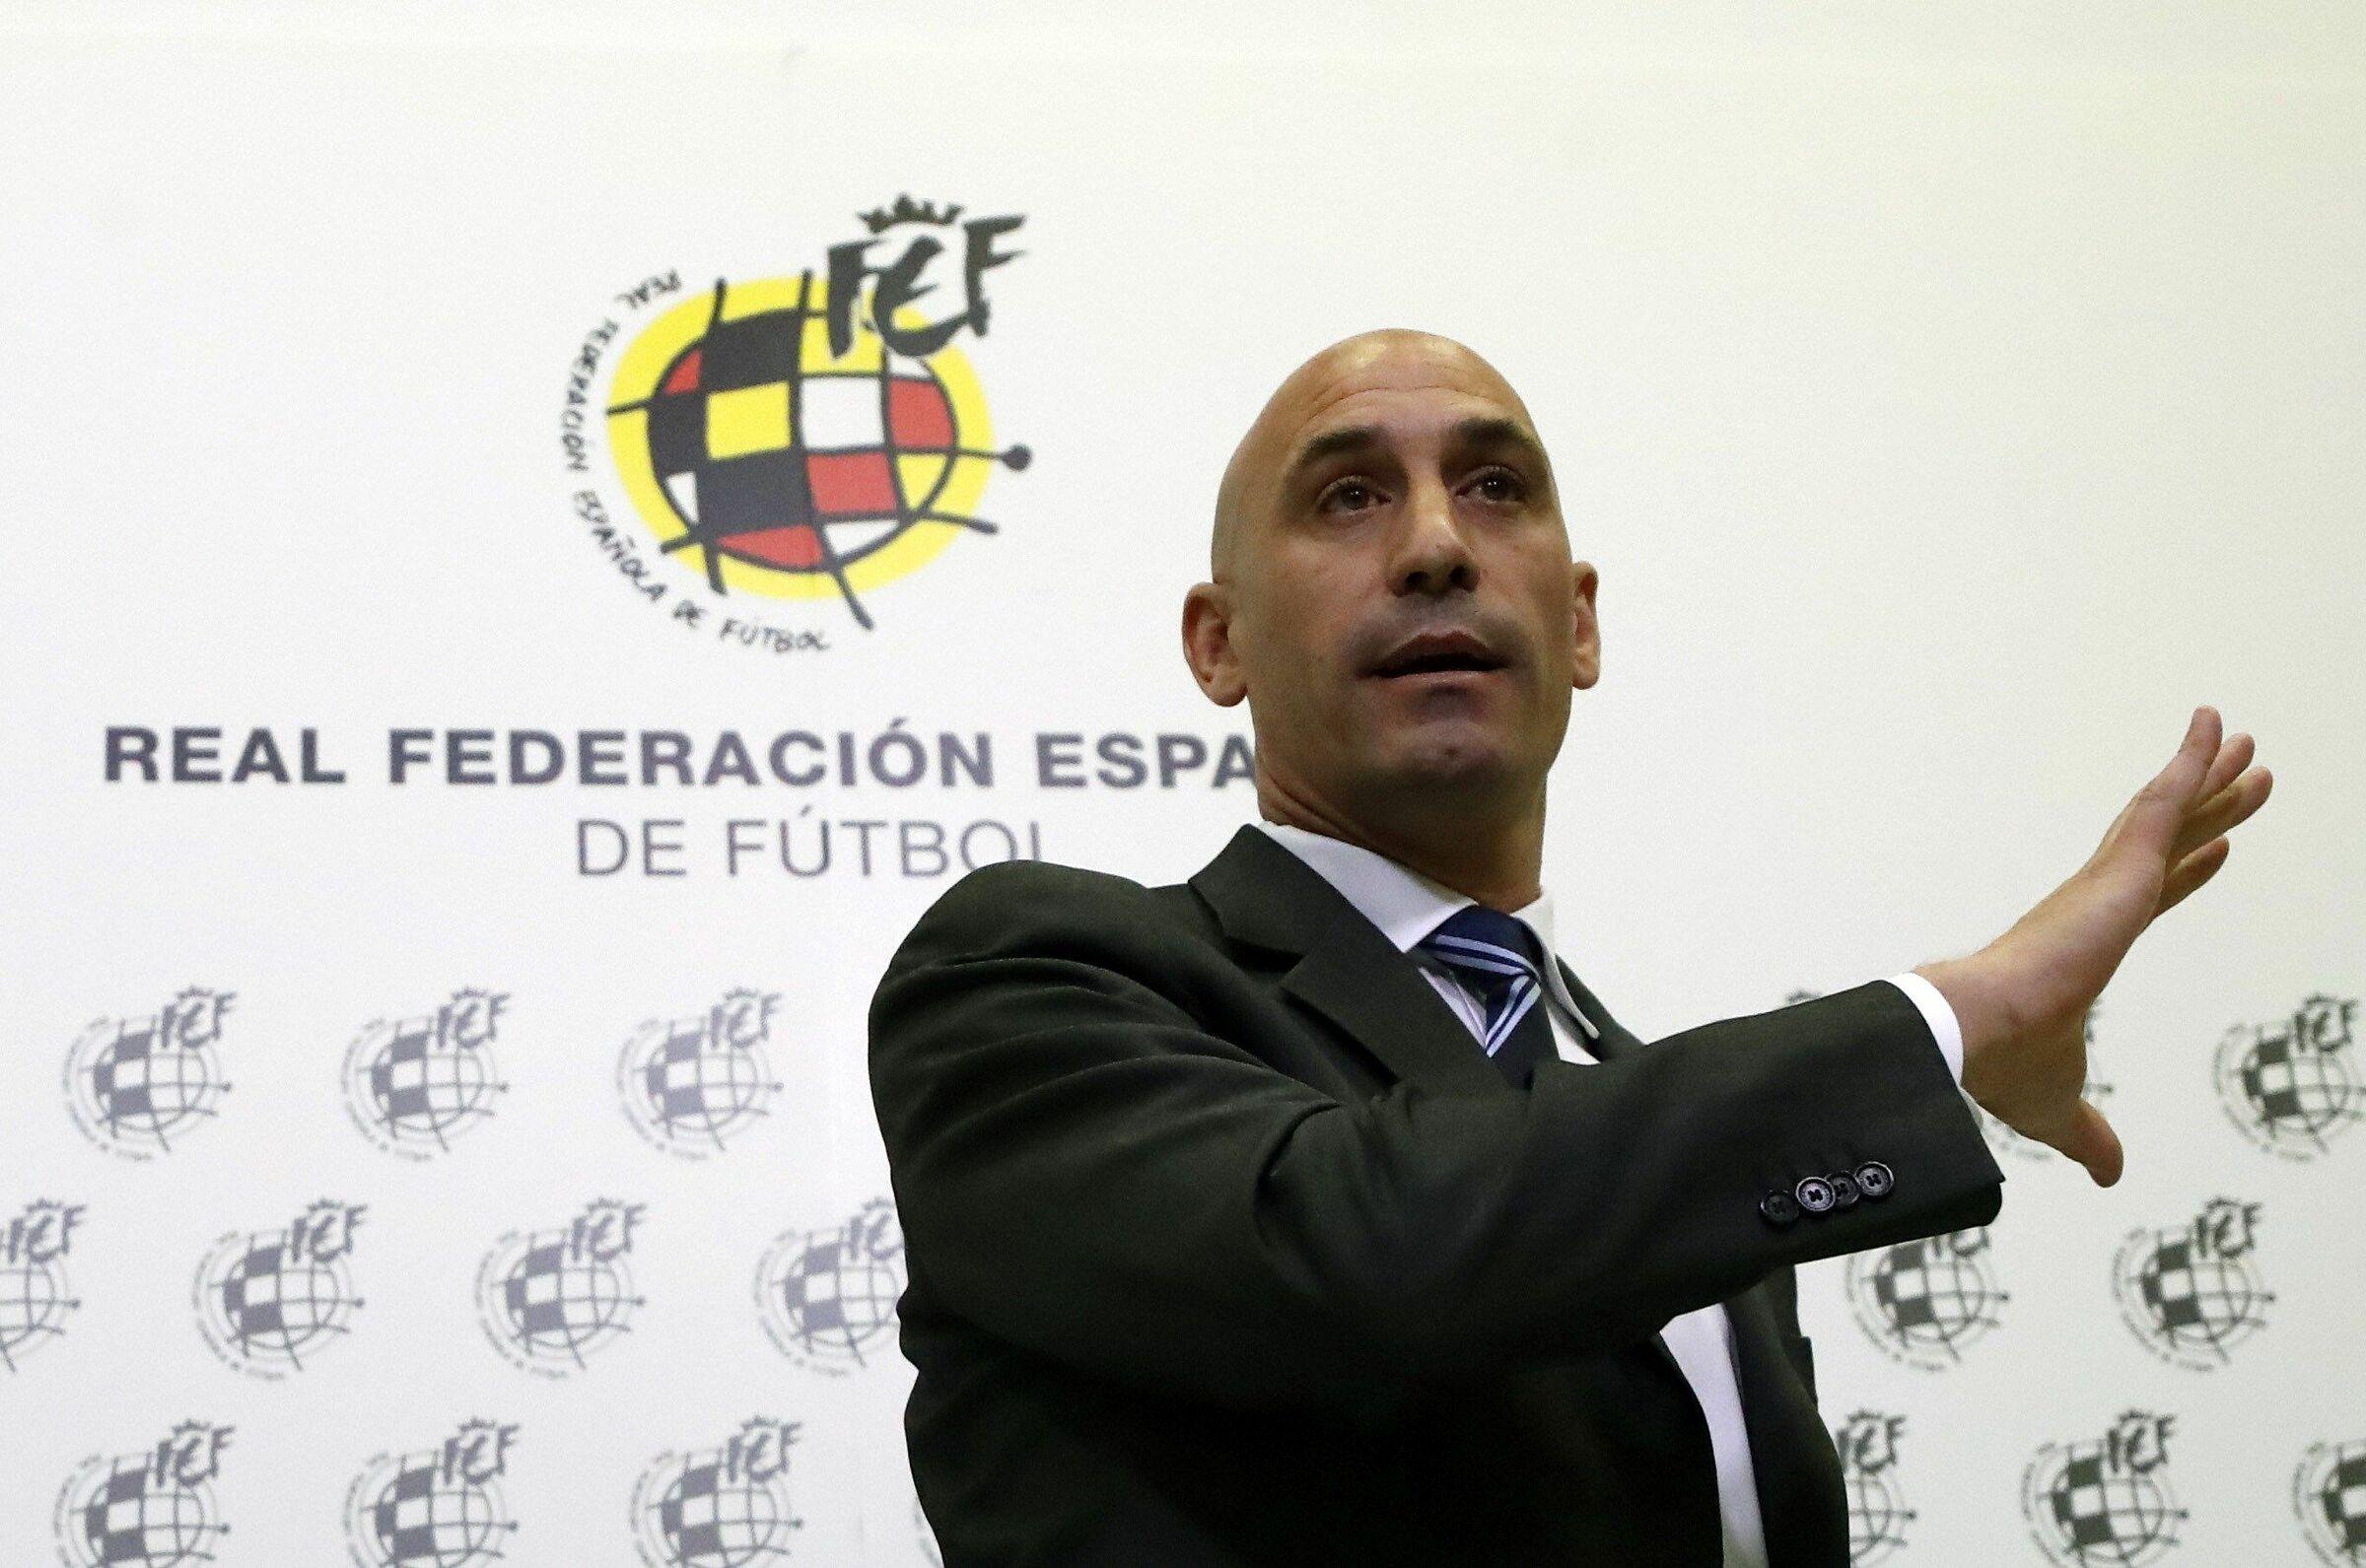 Chủ tịch LĐBĐ Tây Ban Nha (RFEF) Luis Rubiales. Ảnh: RFEF